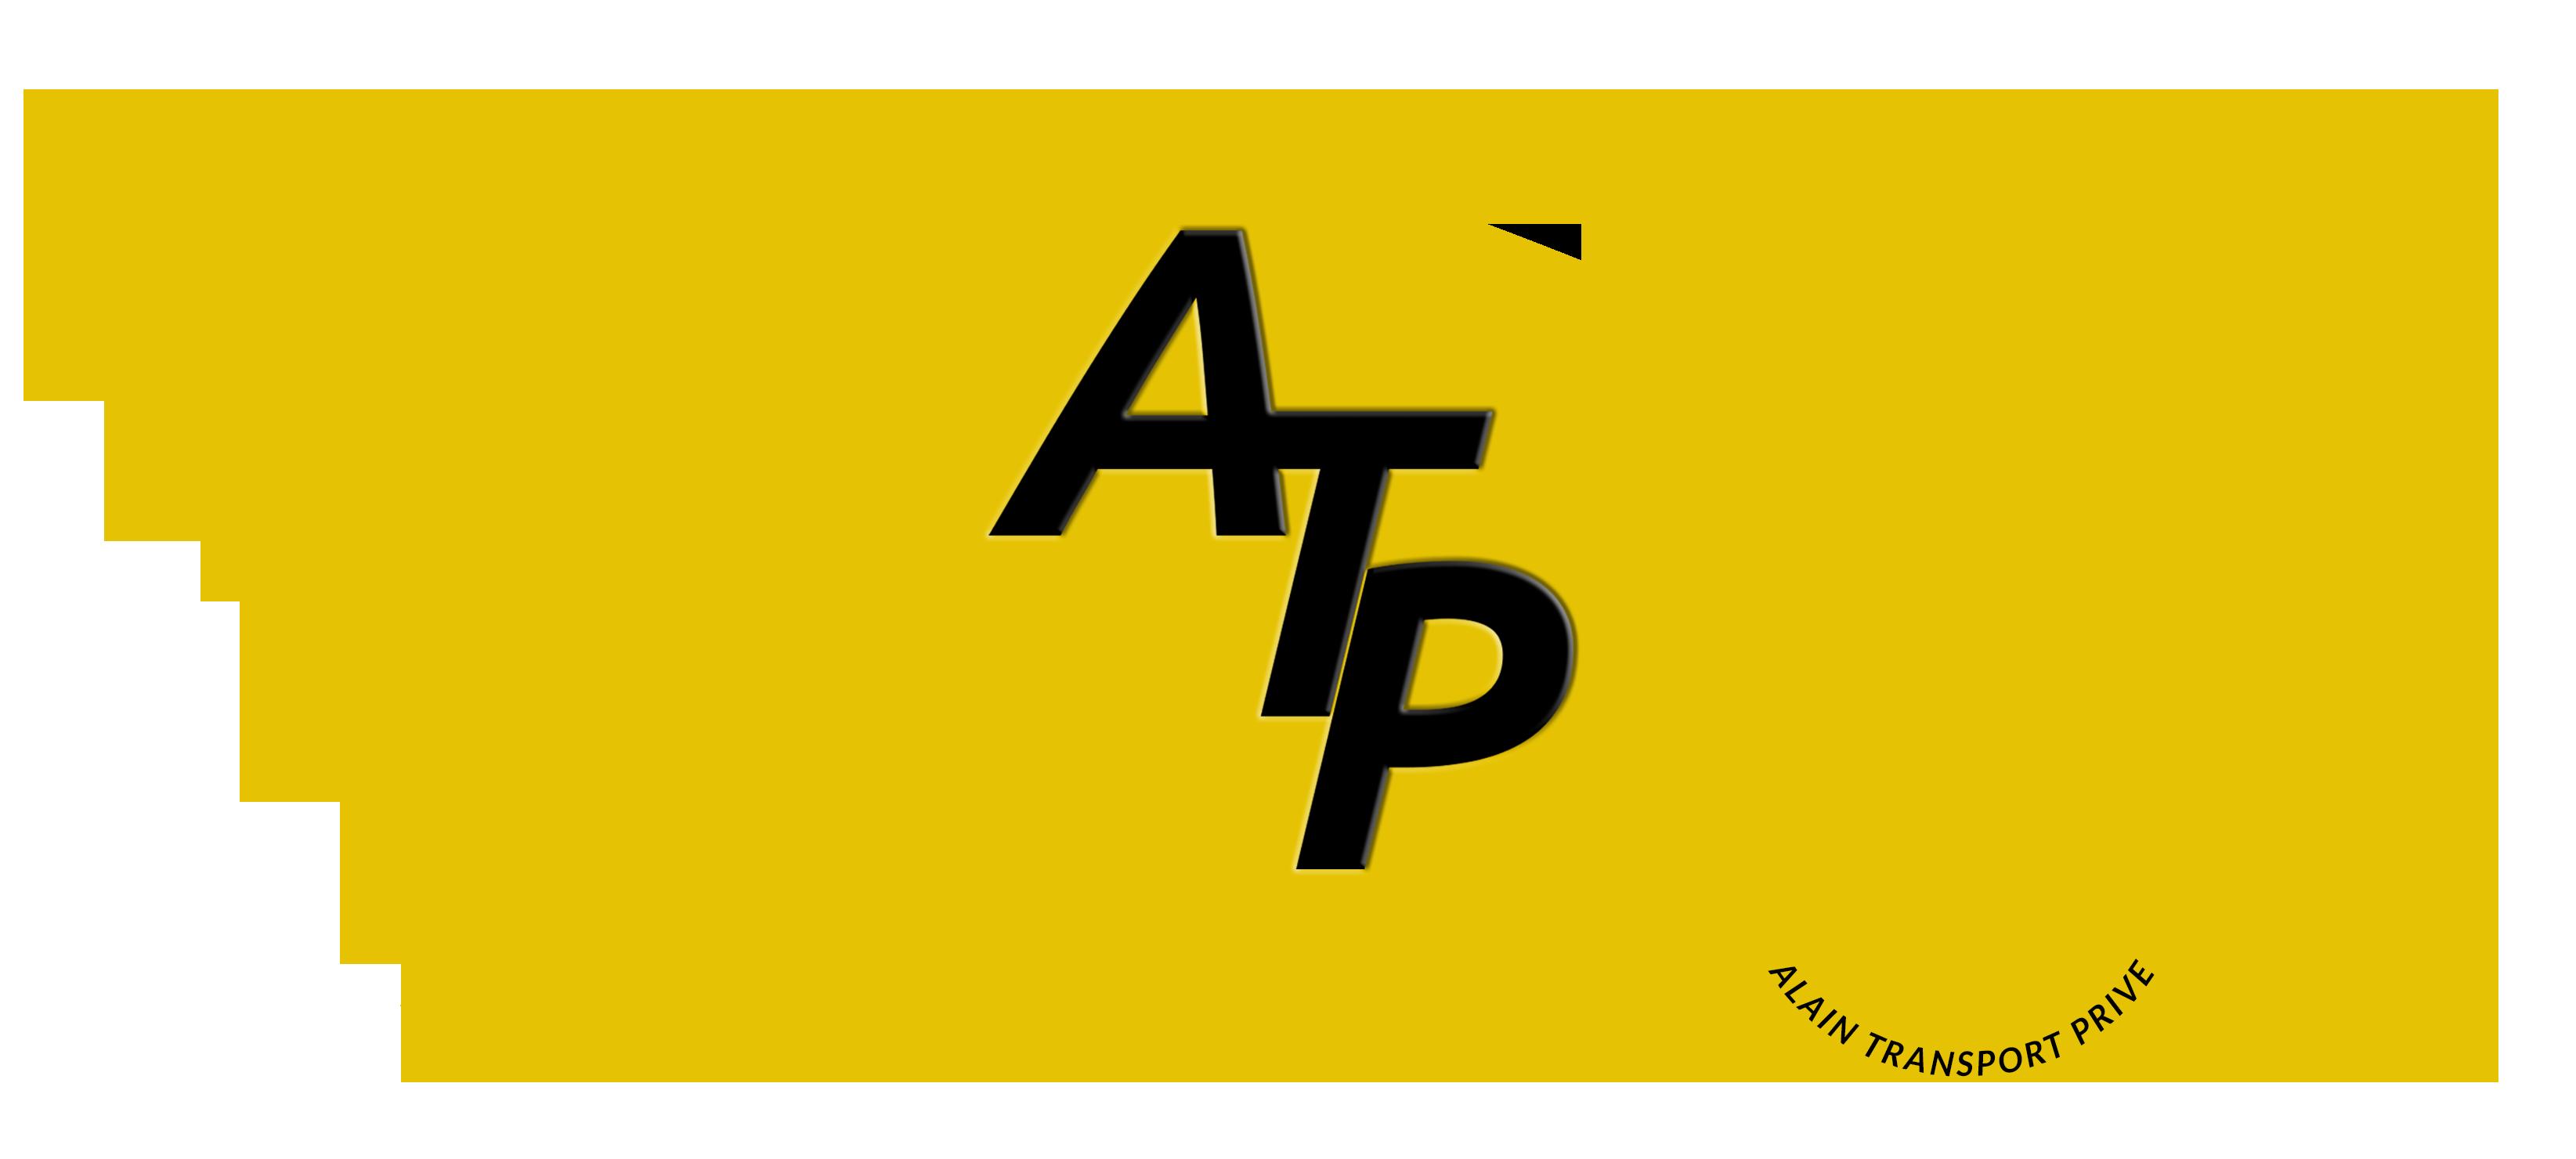 Alain Transport Privé - Taxi / Vtc - Provins - Nogent sur seine